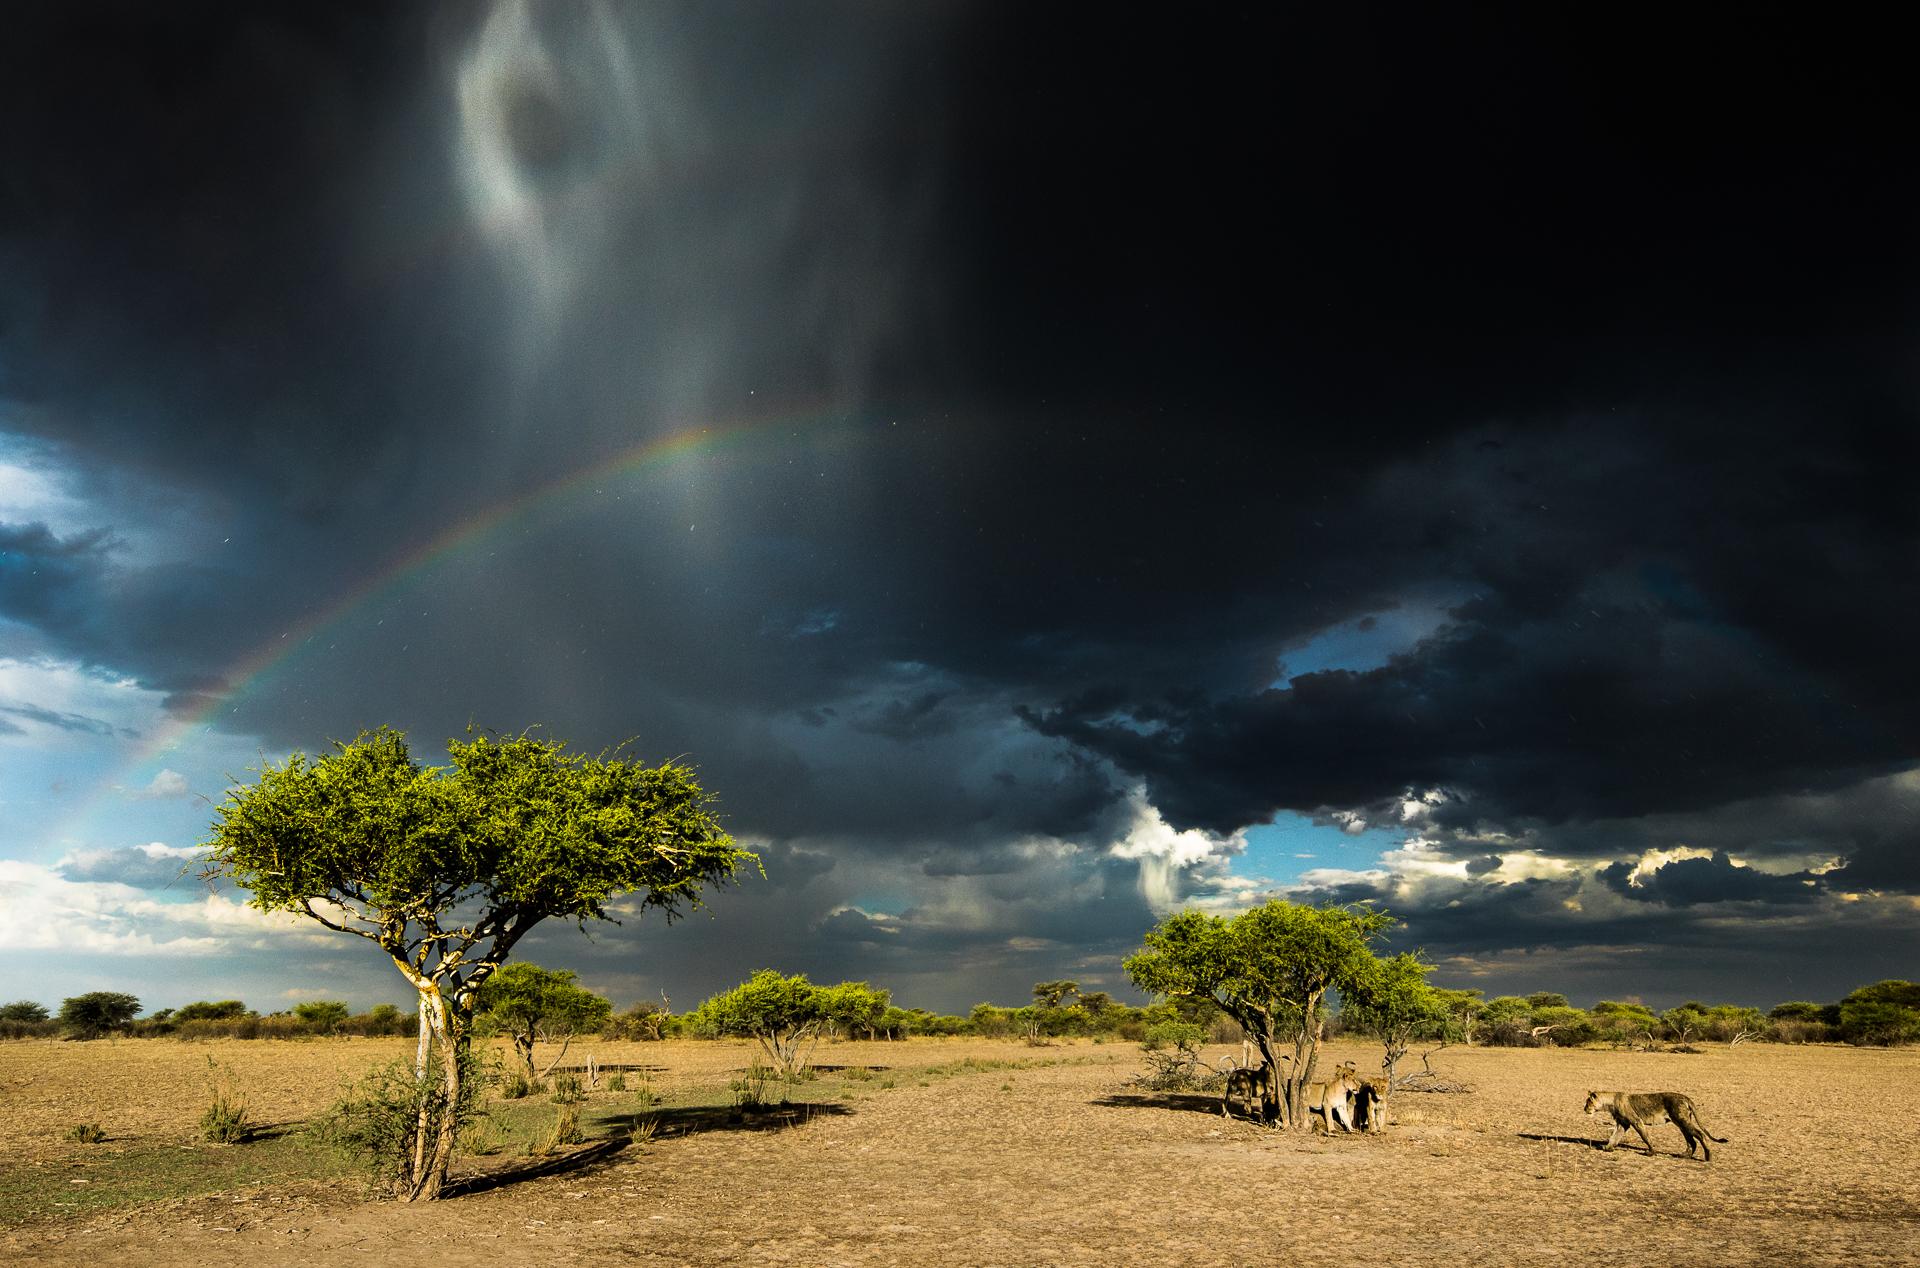 Storm cats